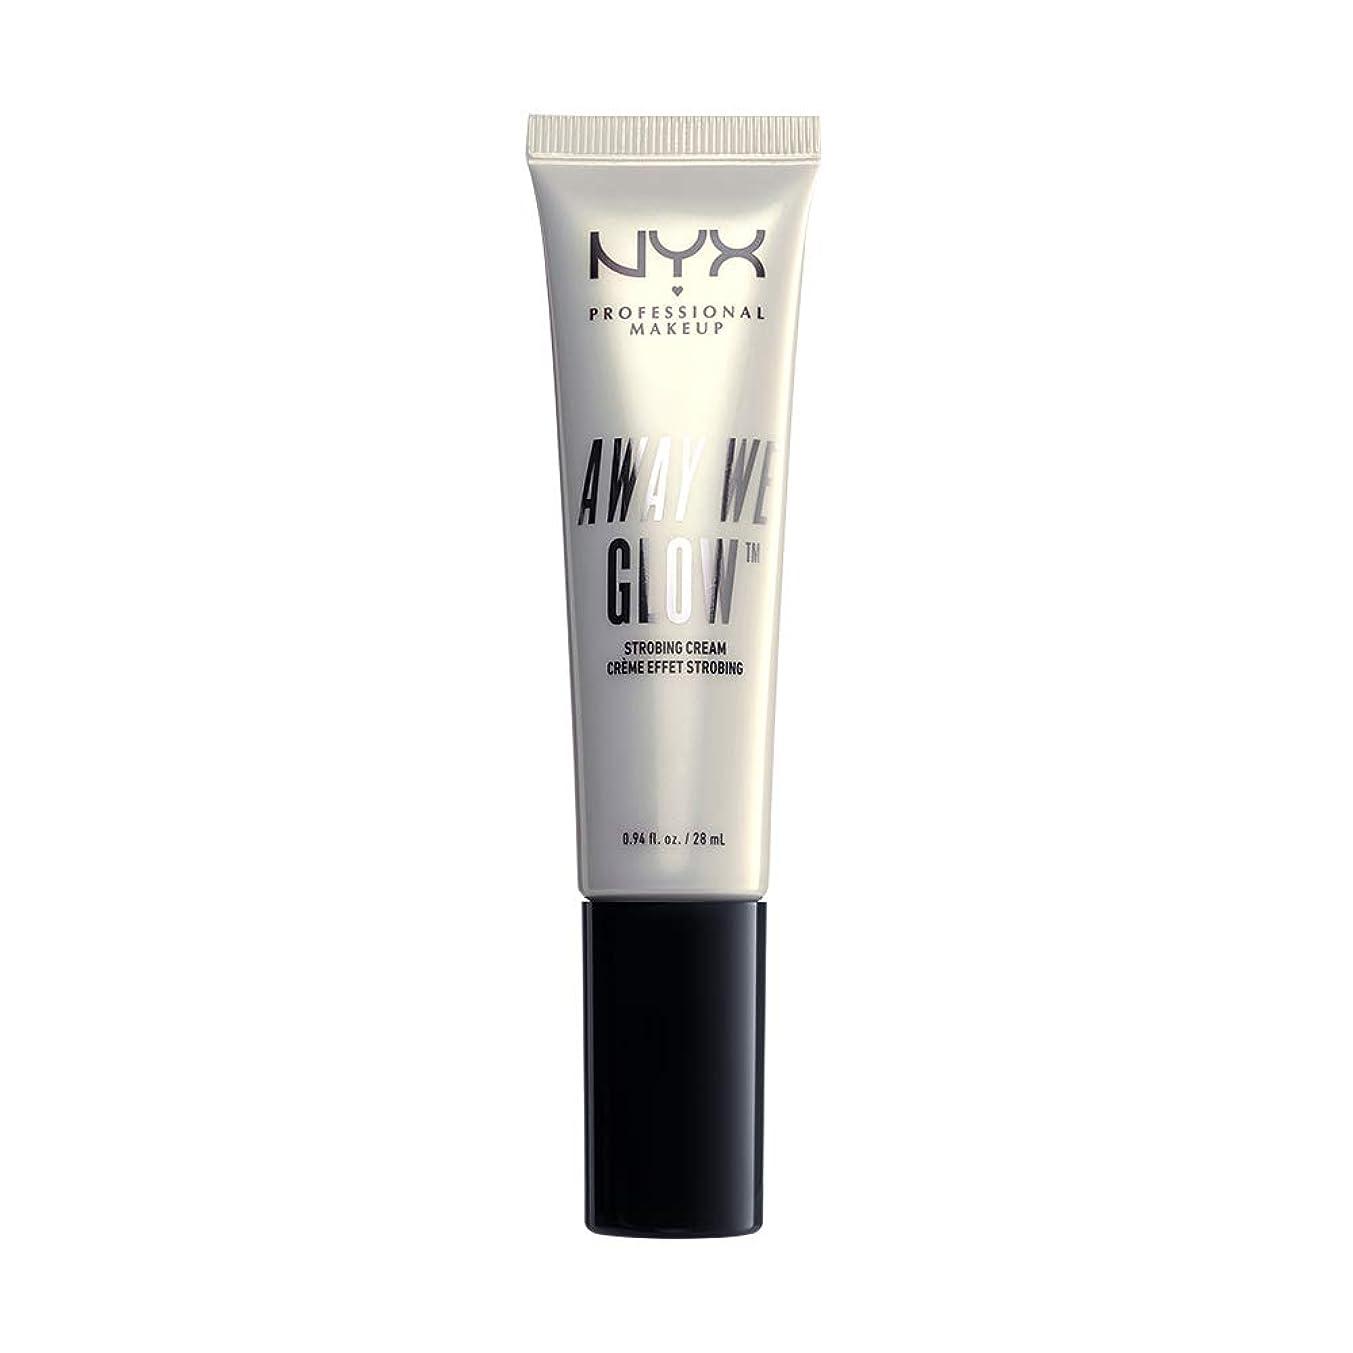 のり依存する違反NYX(ニックス) アウェイ ウィー グロー ストロビングクリーム 01 カラー ブライト スター